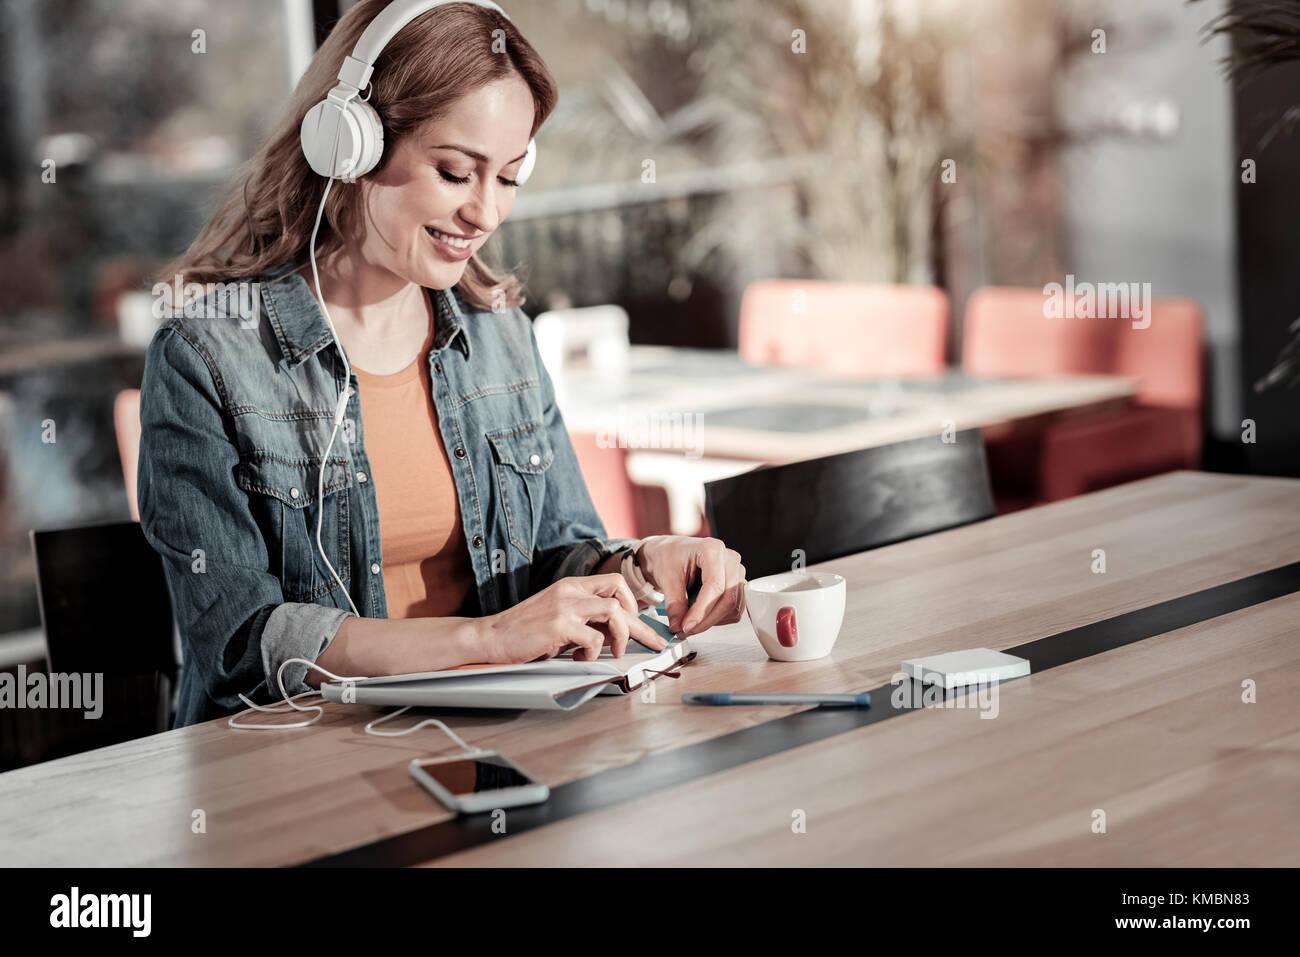 Mujer sonriente tras una mañana productiva en un café Imagen De Stock